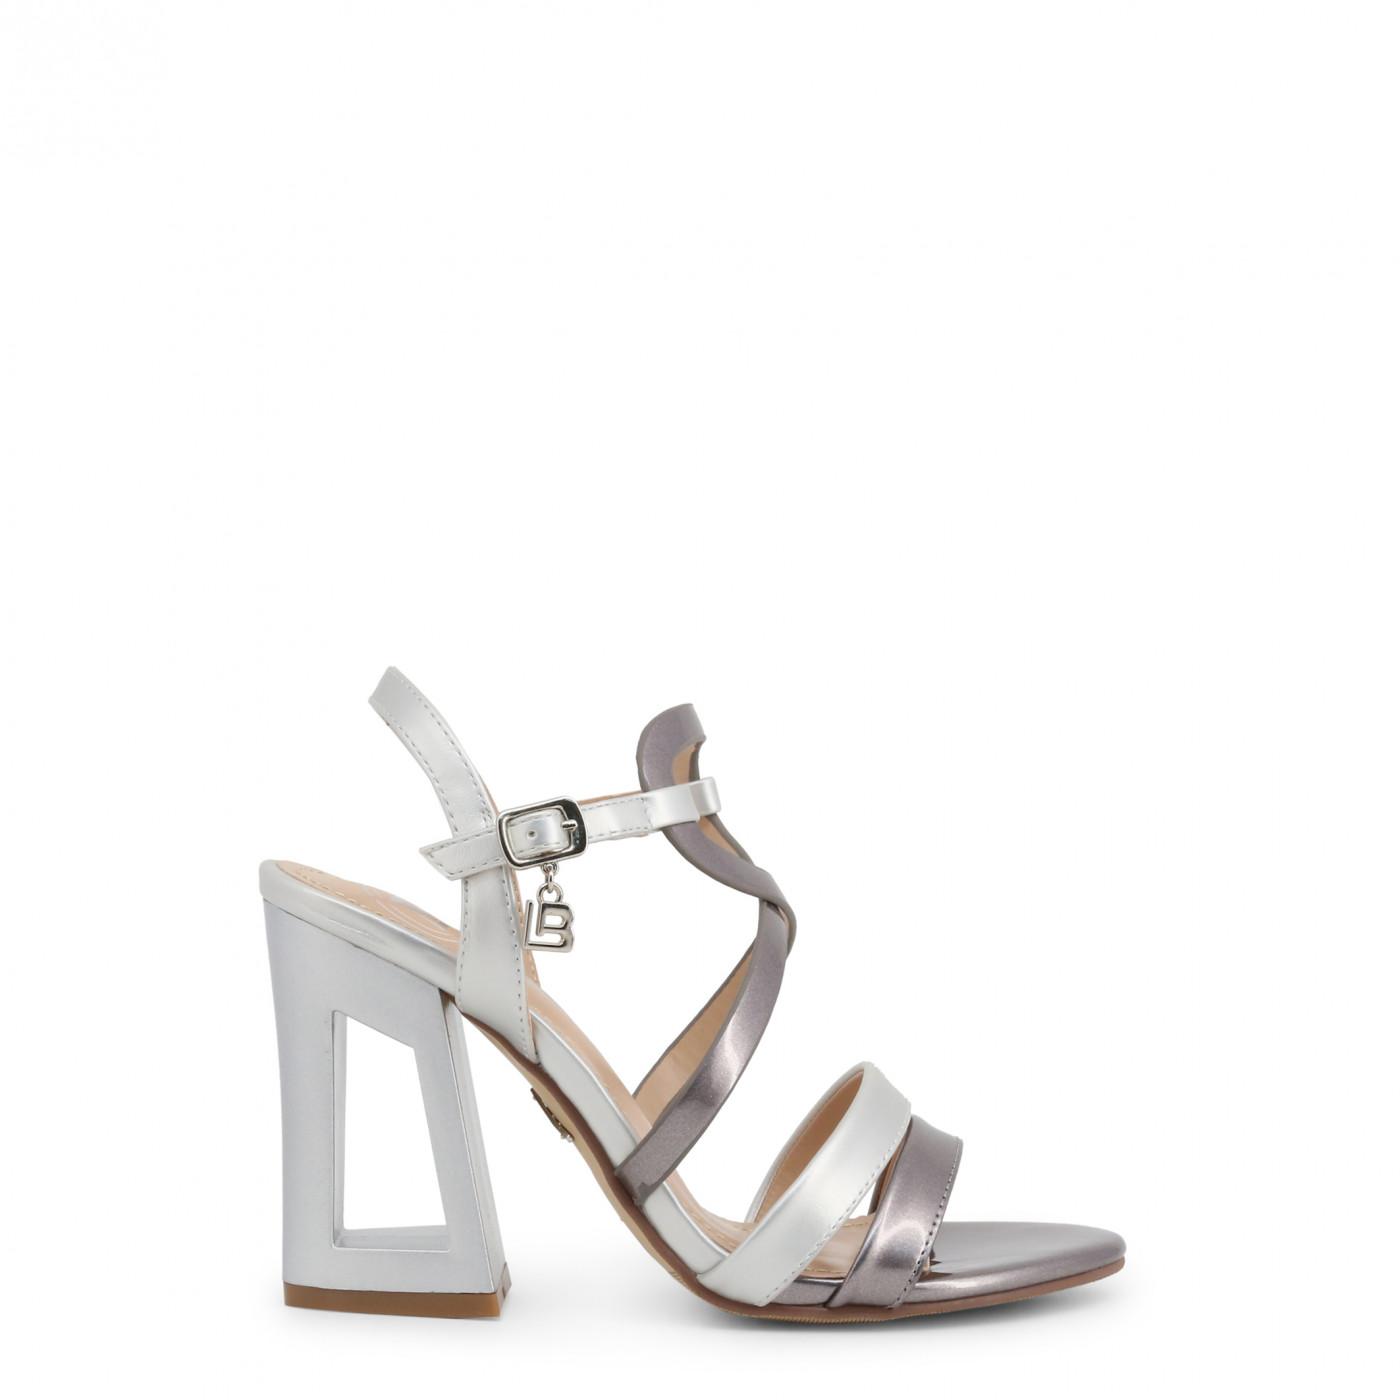 Women's sandals Laura Biagiotti Smoke